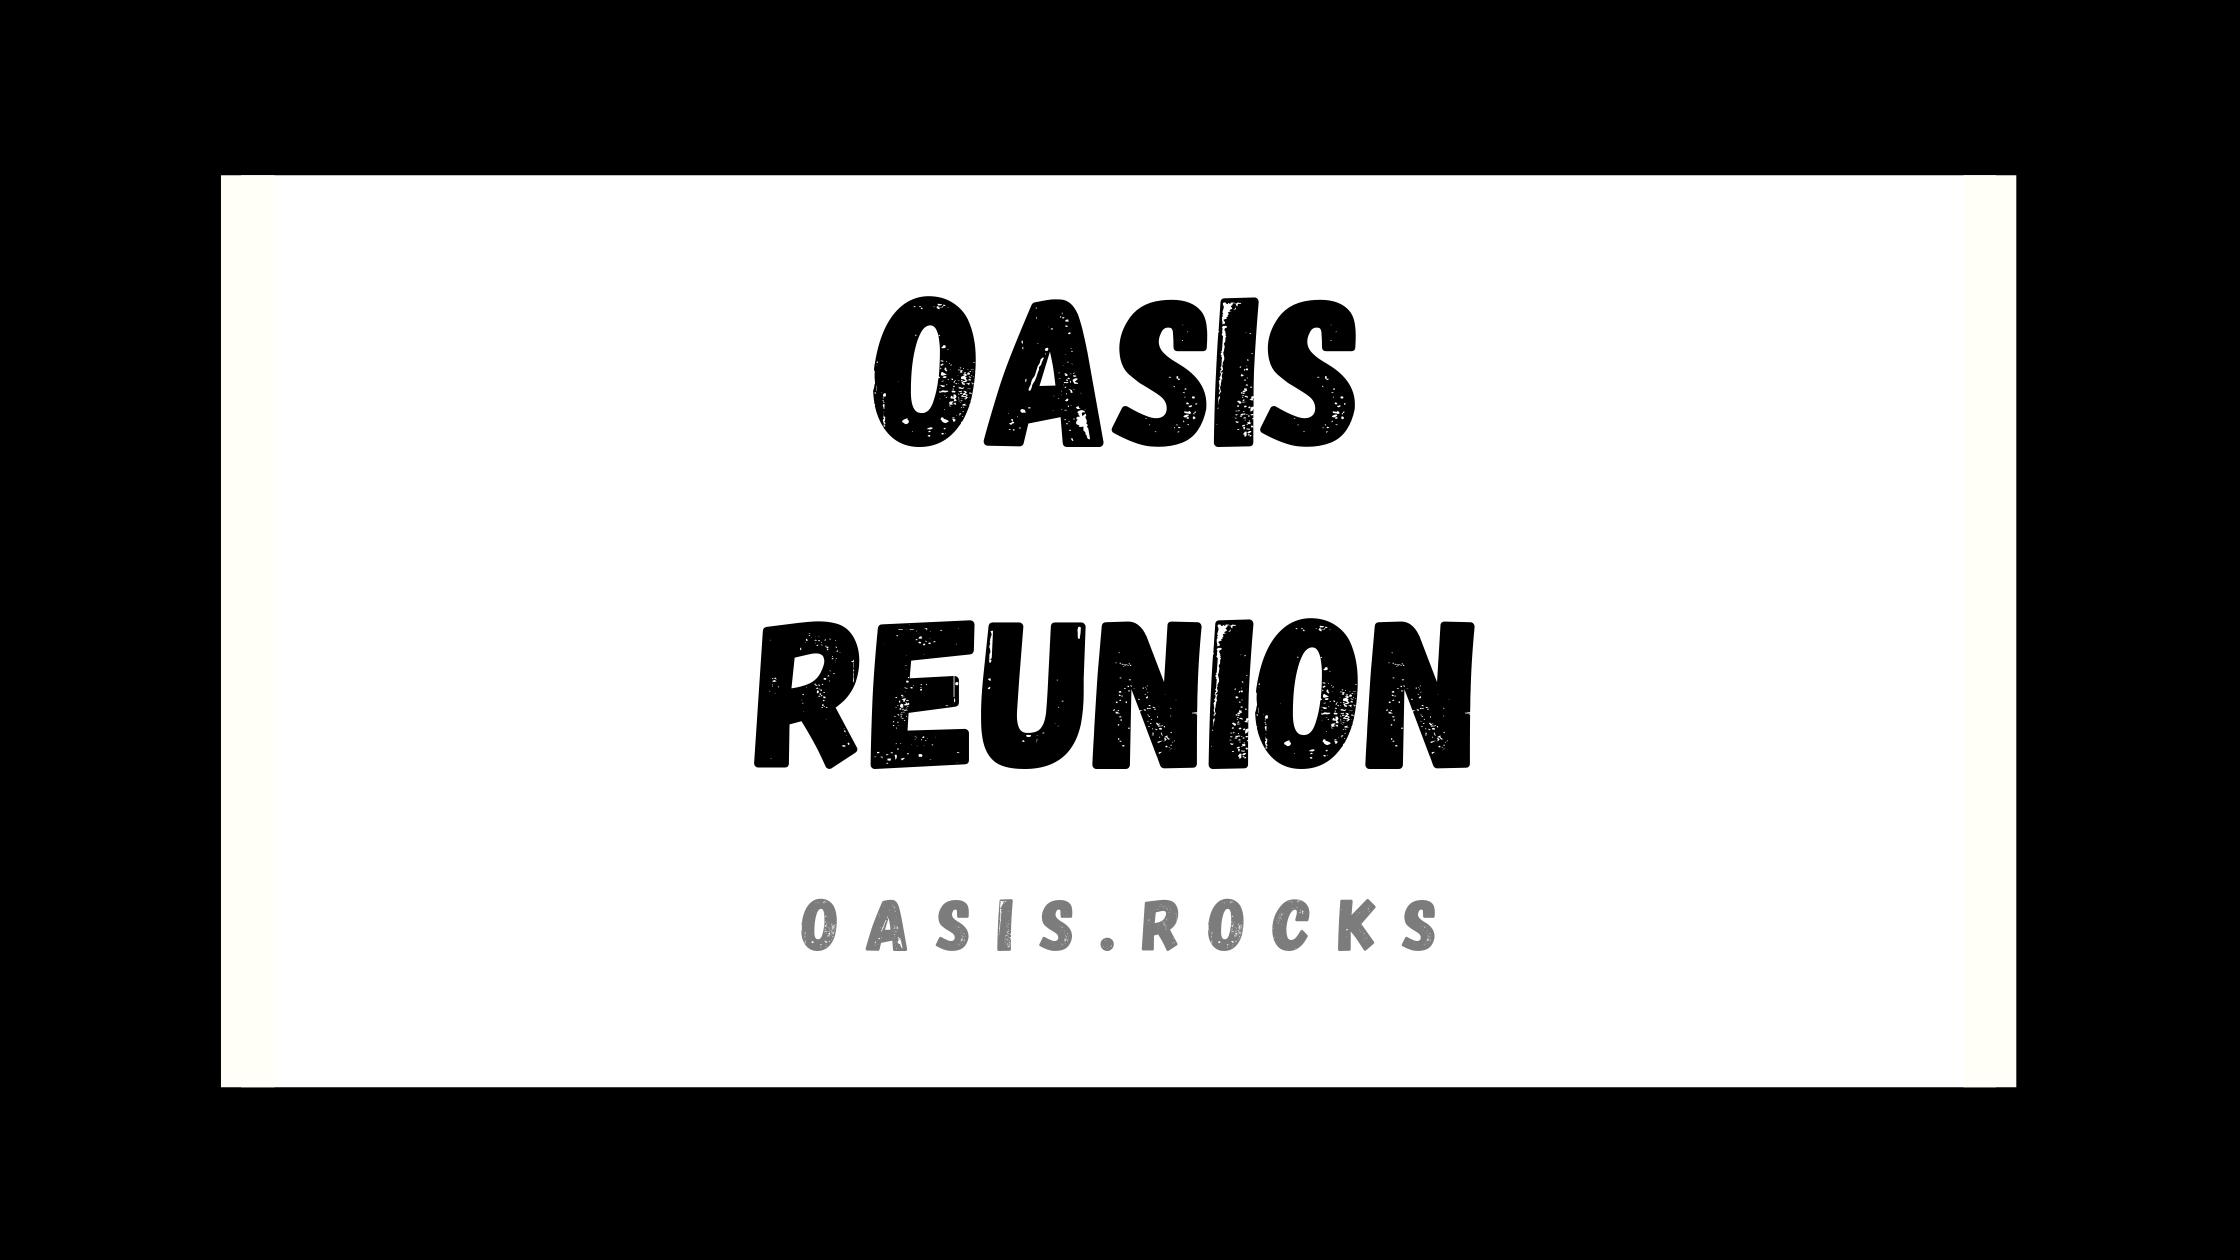 Oasis-Wiedervereinigung: der Live-Blog auf Oasis.rocks